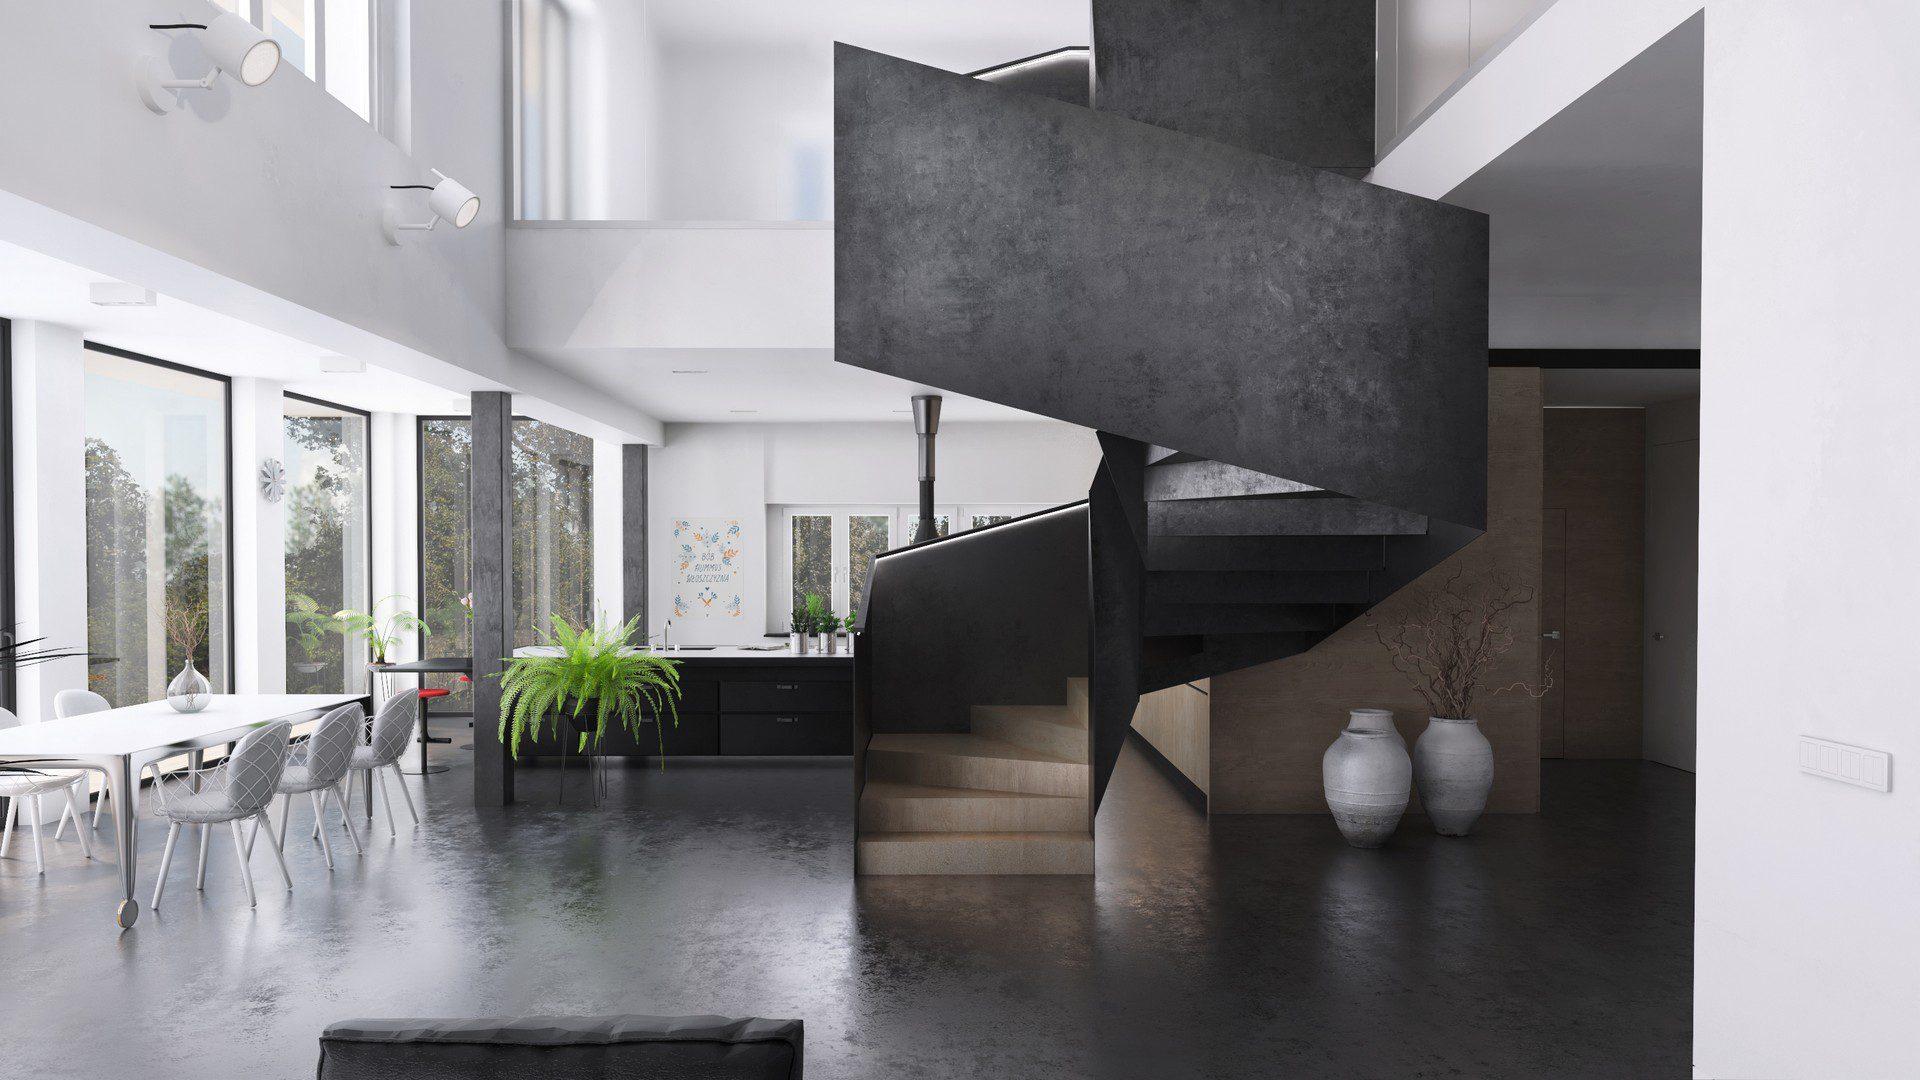 nowoczesne wnętrze domu śląsk wizualizacja 3d